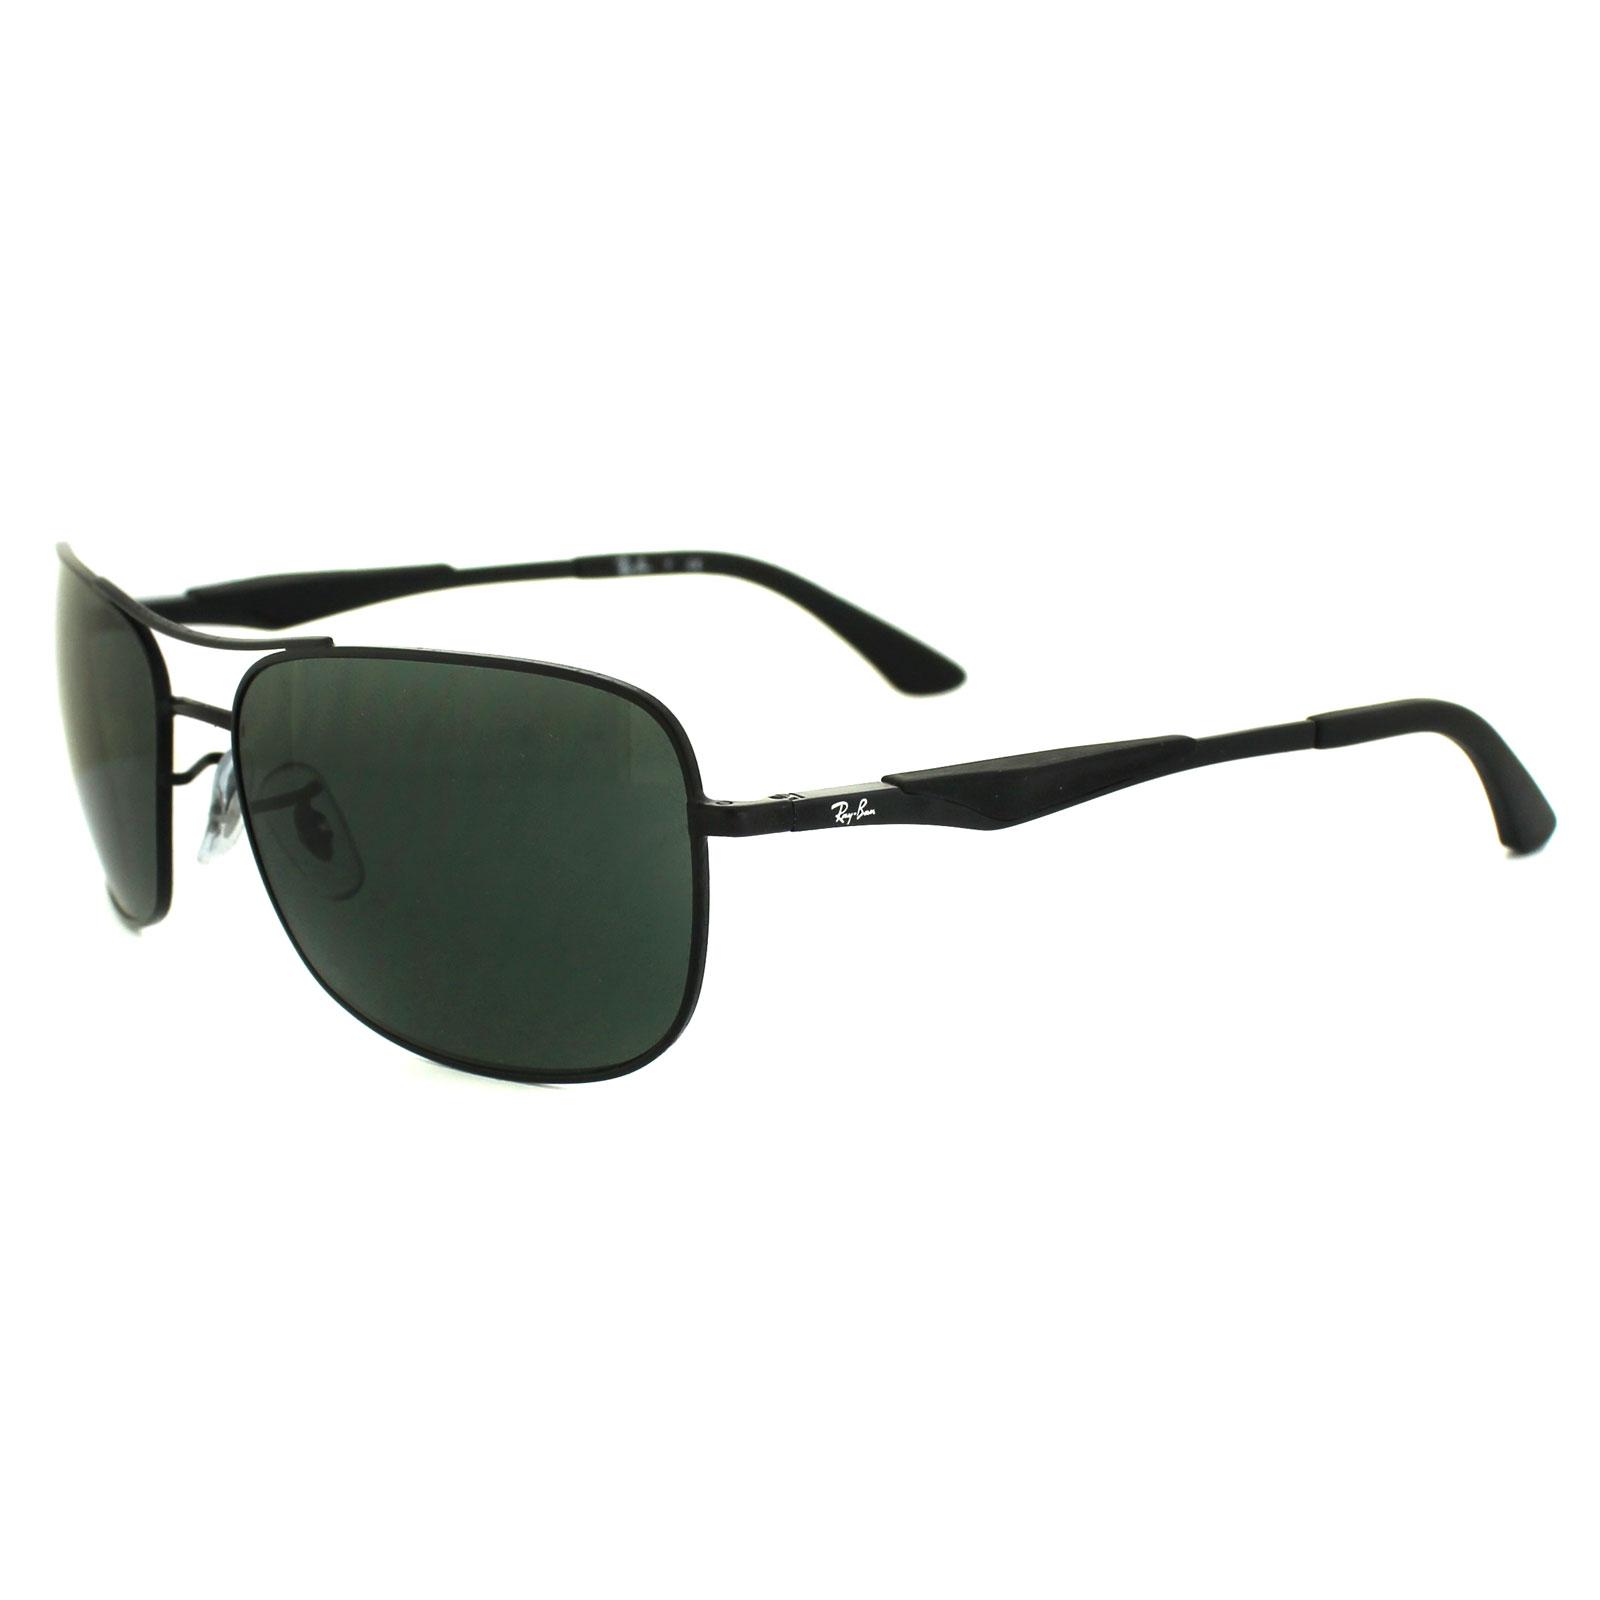 ray ban sonnenbrillen schwarz matt